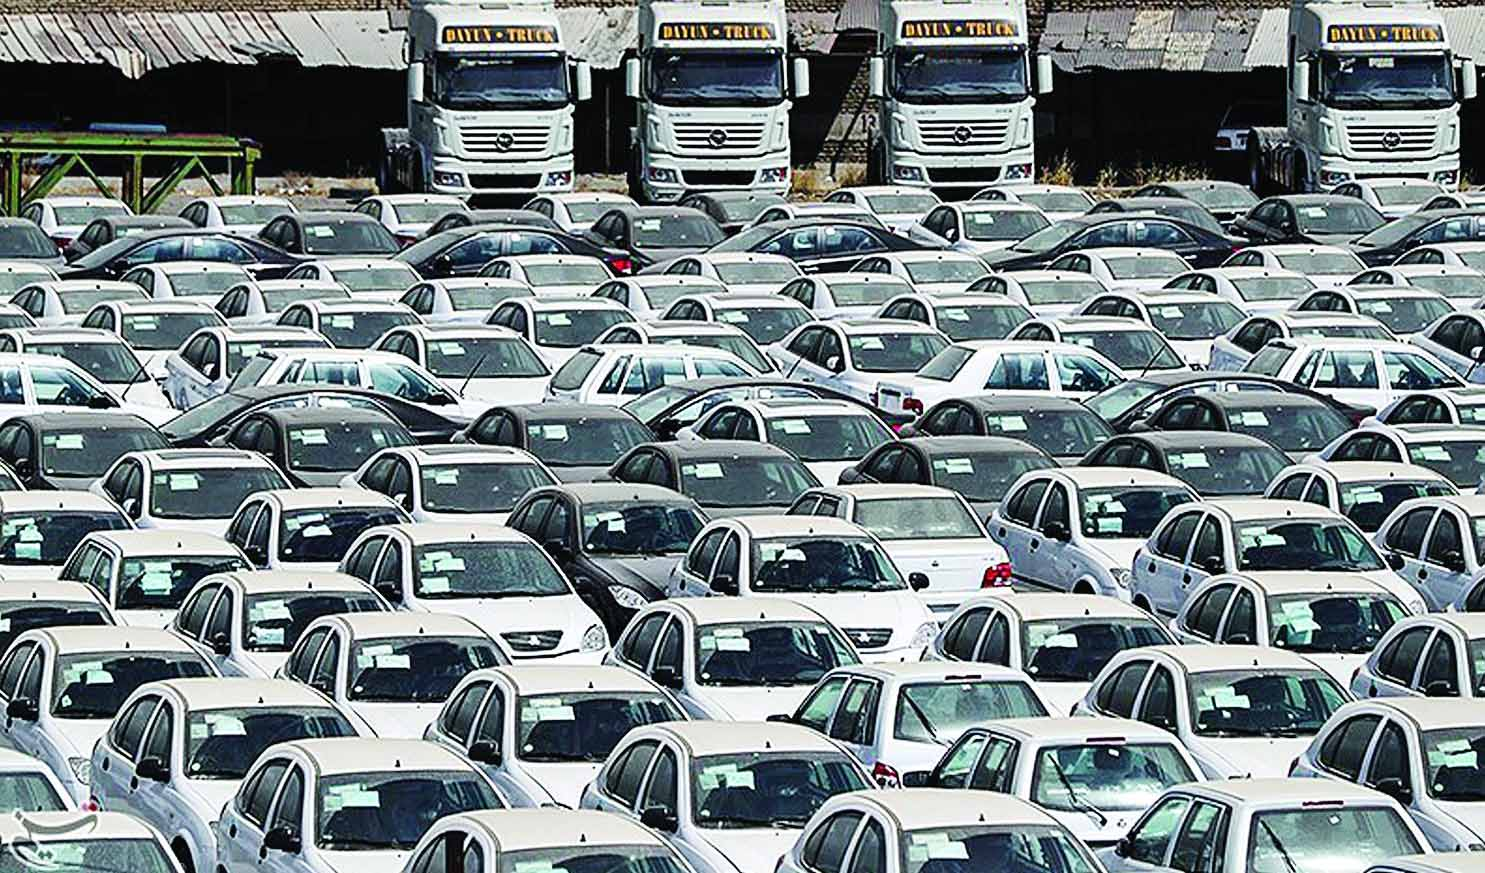 اعتراف خودروسازان به قیمت گذاری دلاری